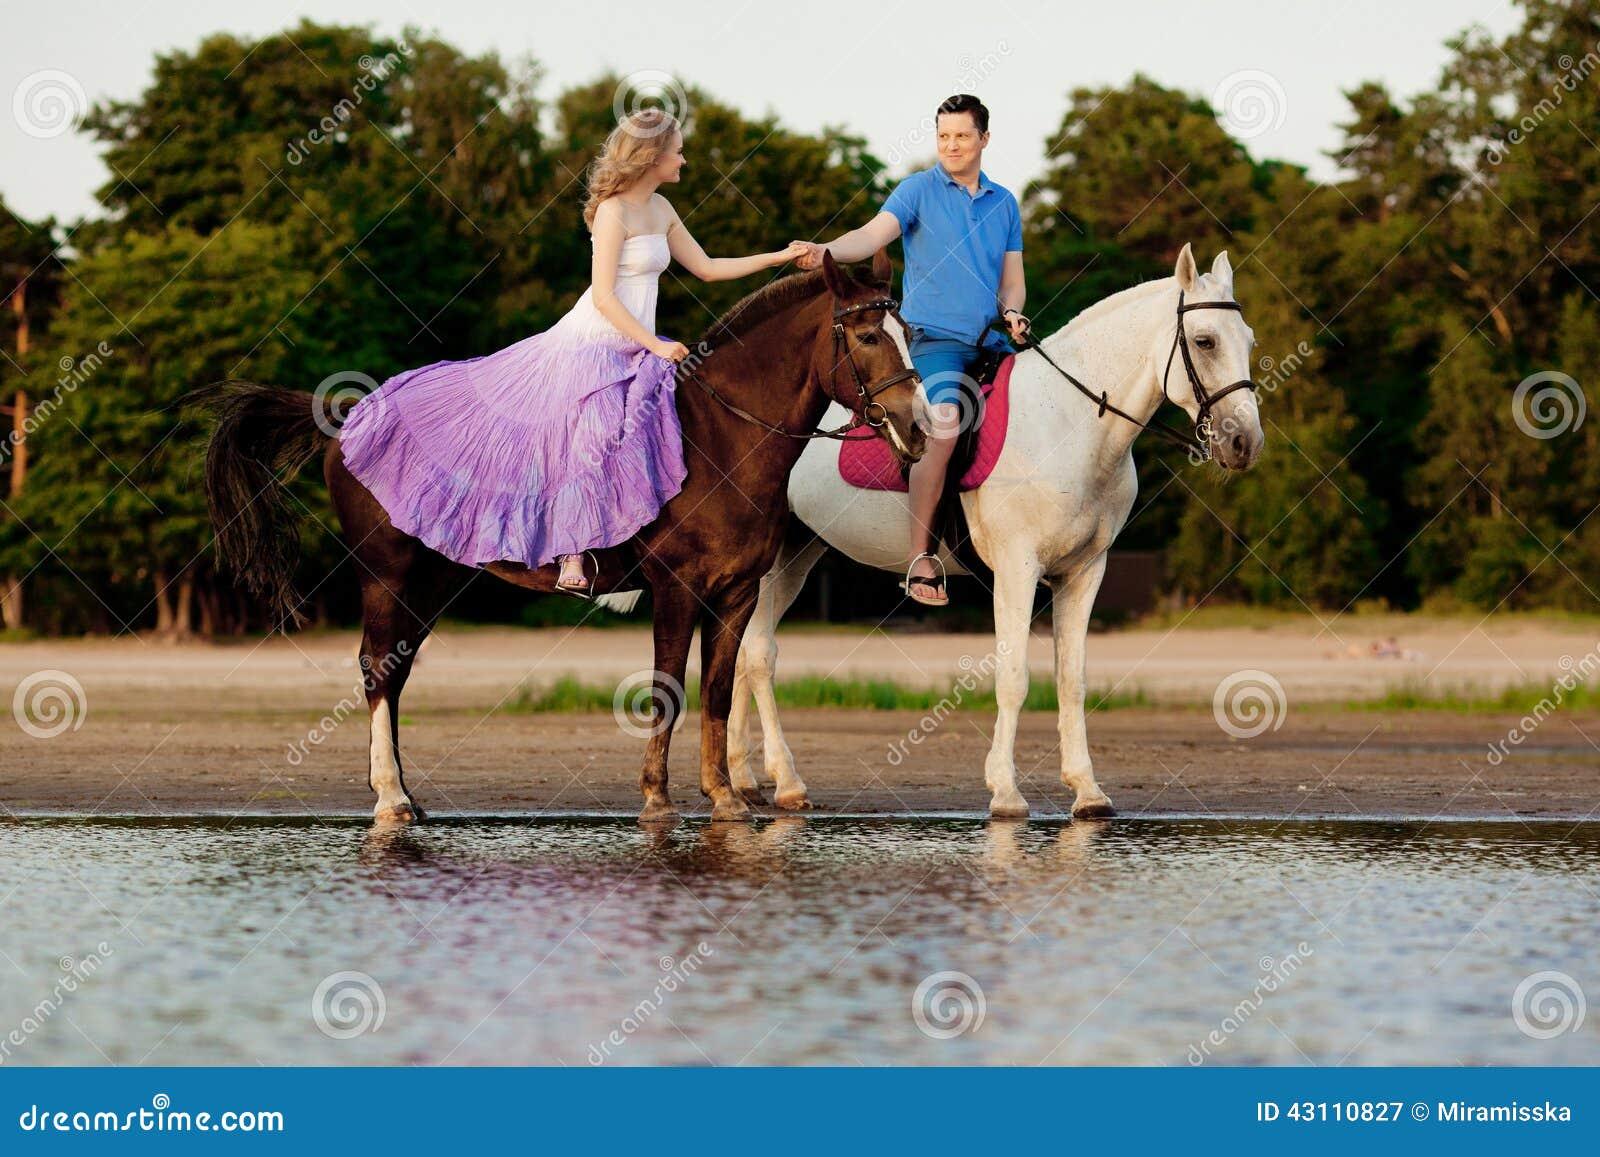 zwei reiter zu pferd bei sonnenuntergang auf dem strand liebhaberfahrt hors stockfoto bild. Black Bedroom Furniture Sets. Home Design Ideas